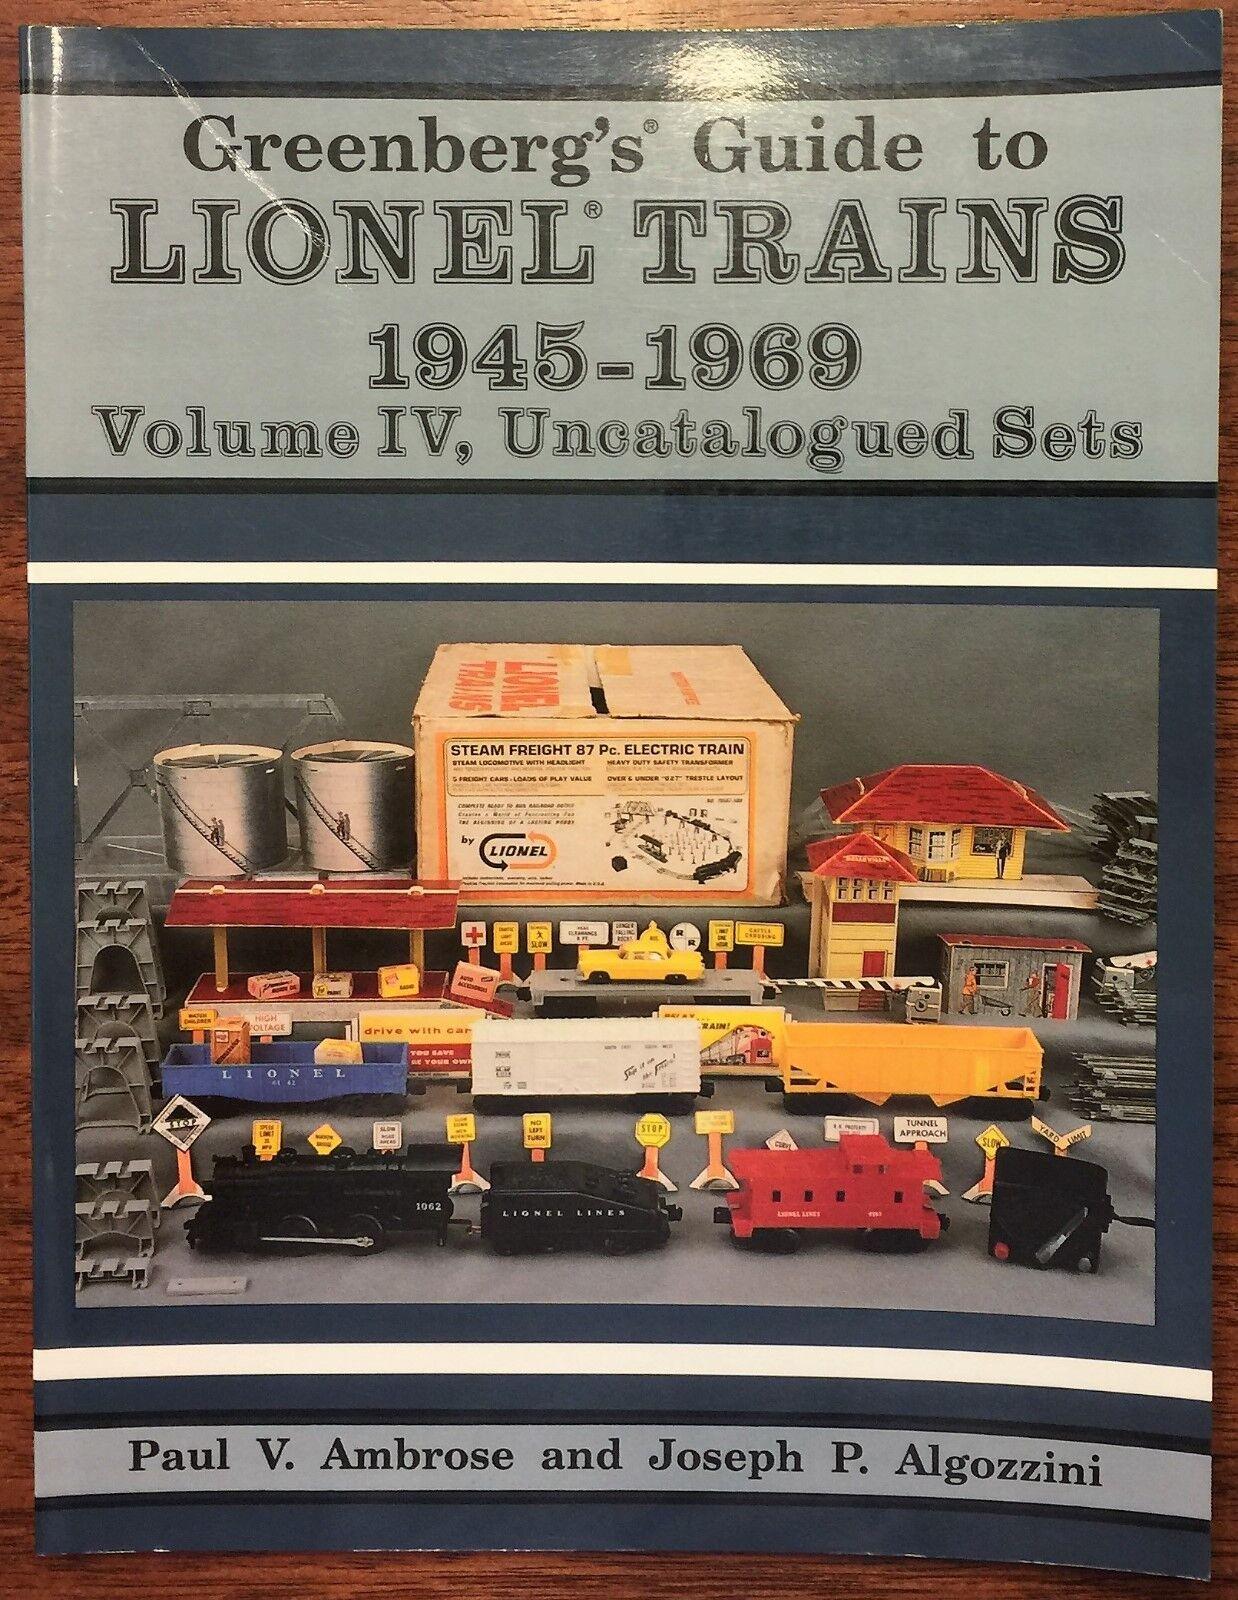 Verdeberg's Guide To Lionel Trains 1945 - 1969 Volume IV Uncatalogued Sets